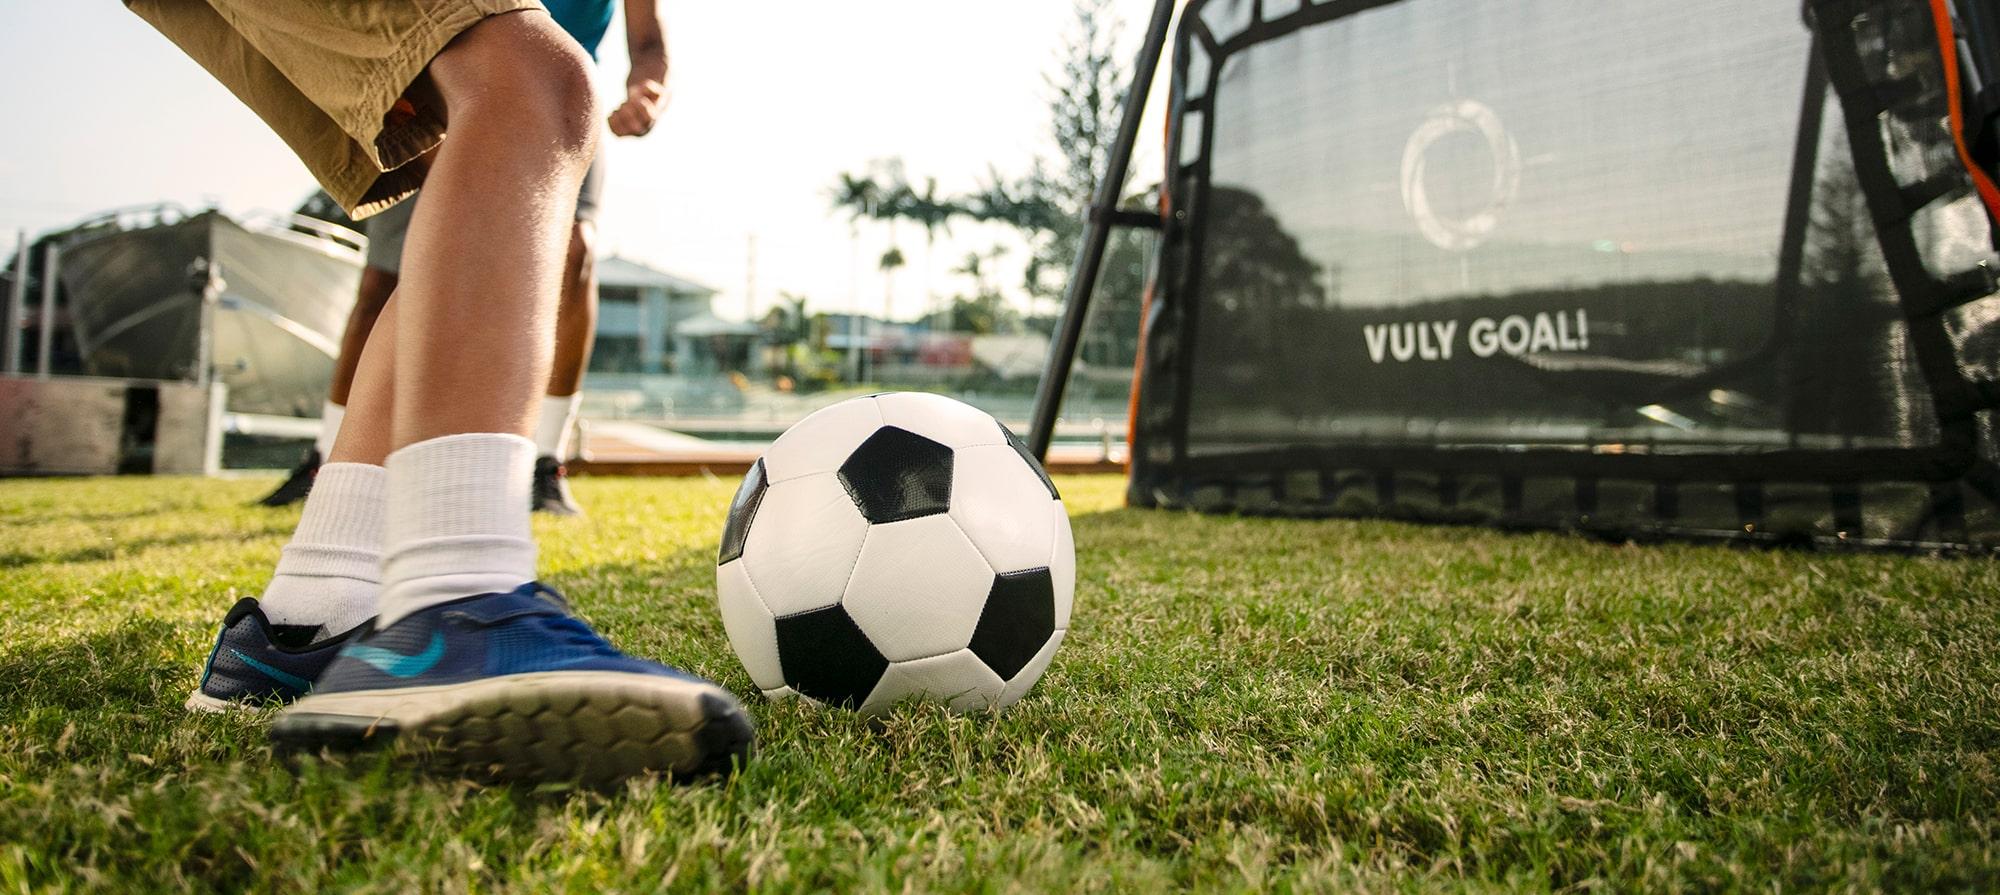 Vuly Soccer Goal